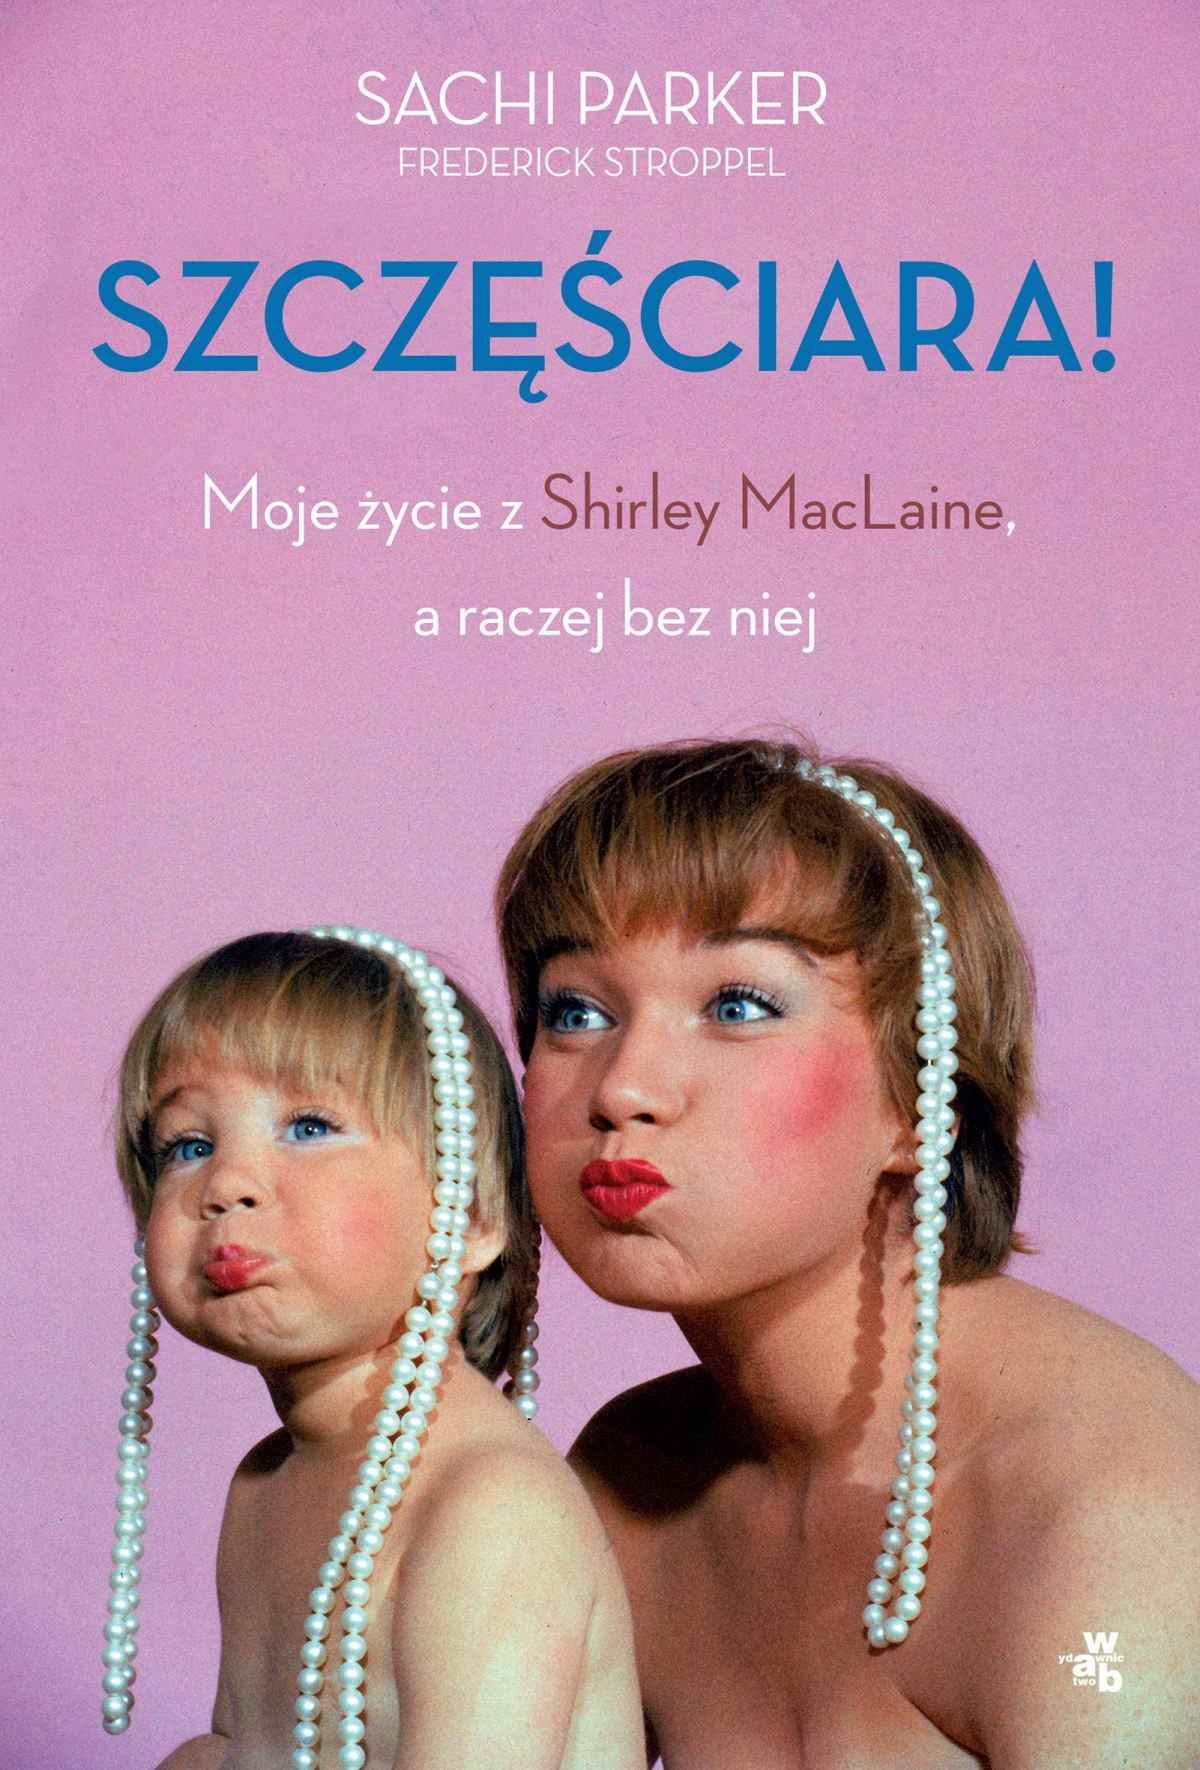 Szczęściara. Moje życie z Shirley MacLaine, a raczej bez niej - Ebook (Książka EPUB) do pobrania w formacie EPUB